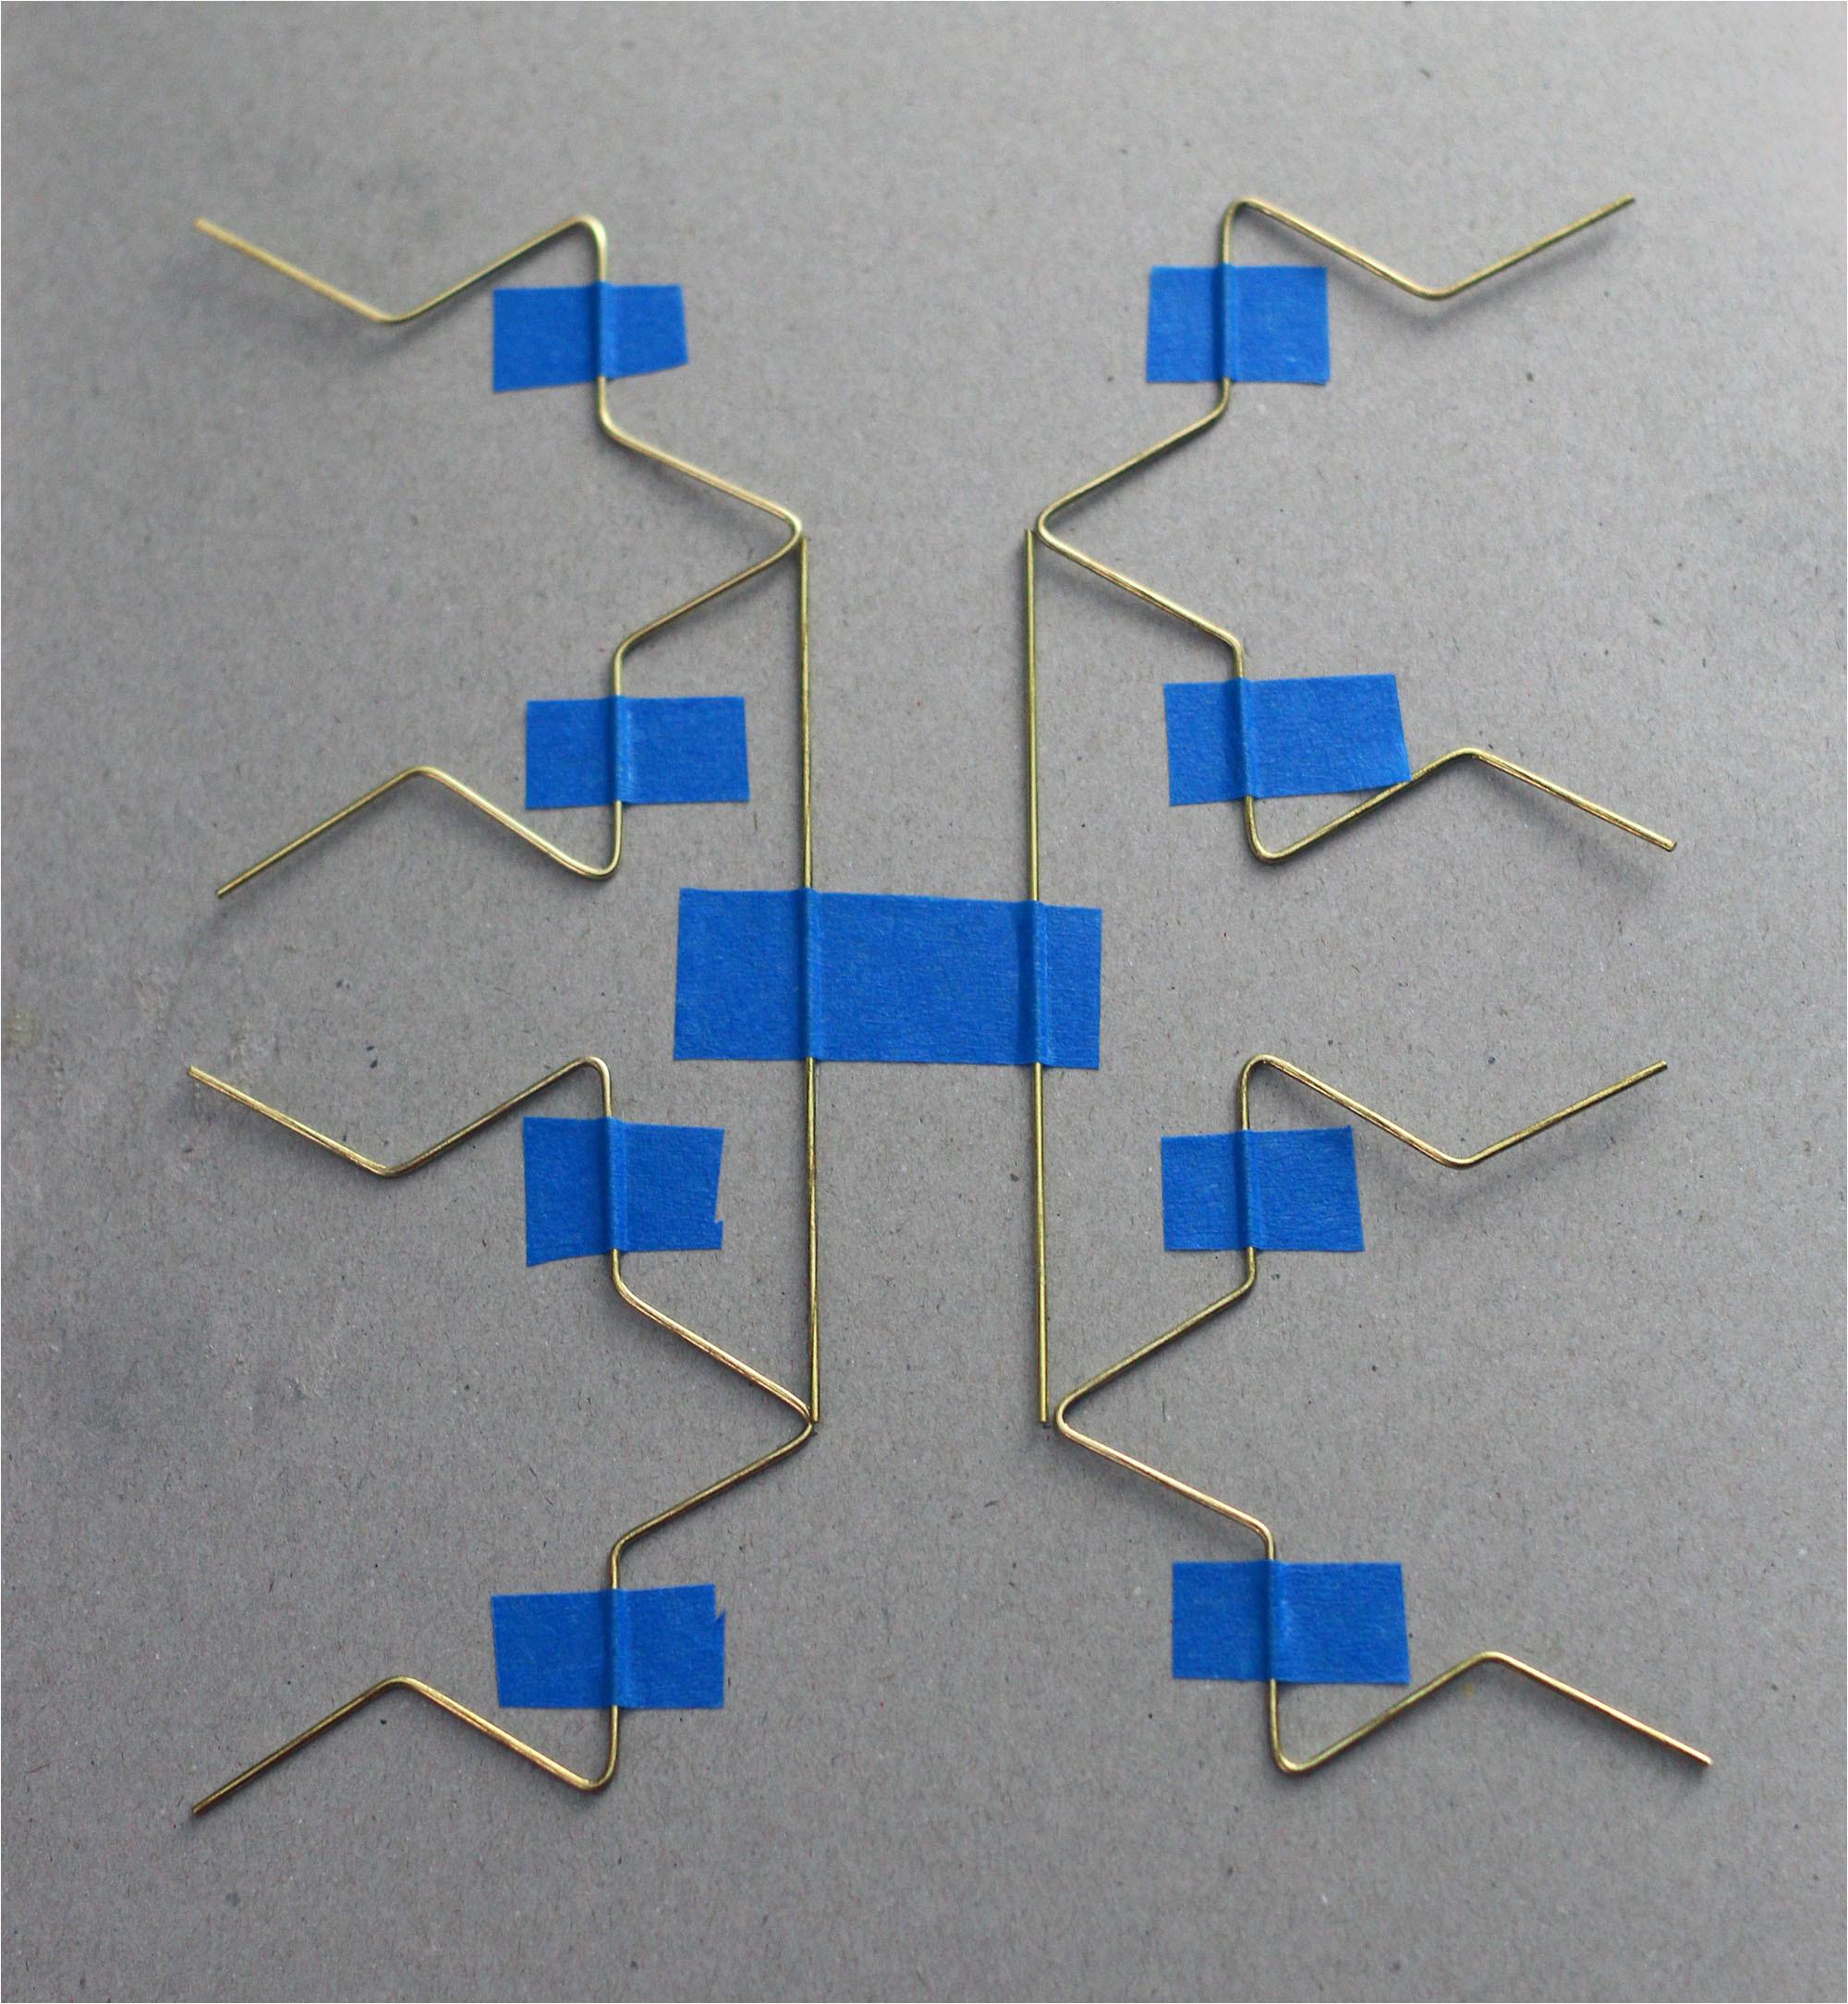 fractal antenna for dtv